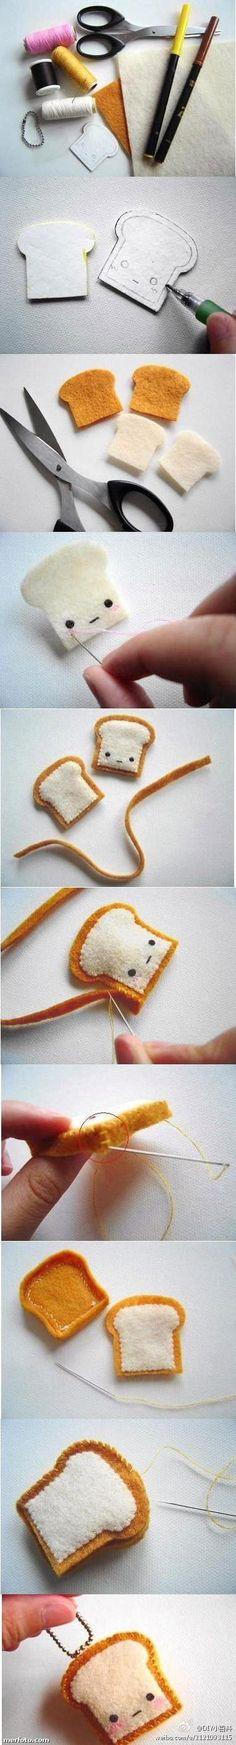 DIY toast key ring